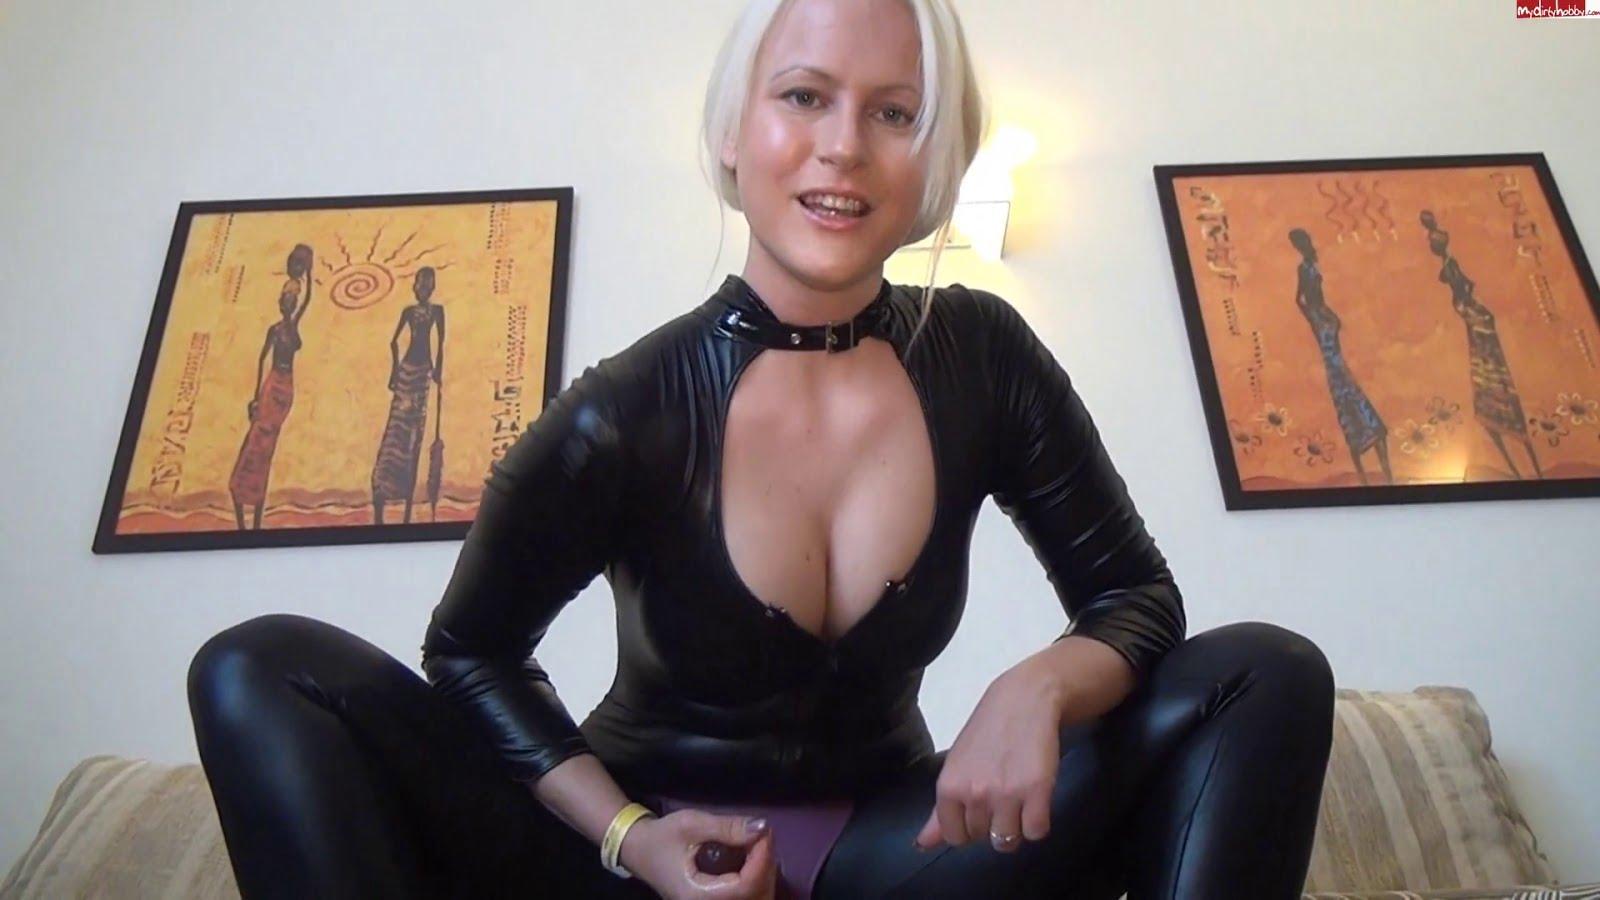 My Dirty Hobby - Blondehexe - Bin ich zu hart oder bist Du